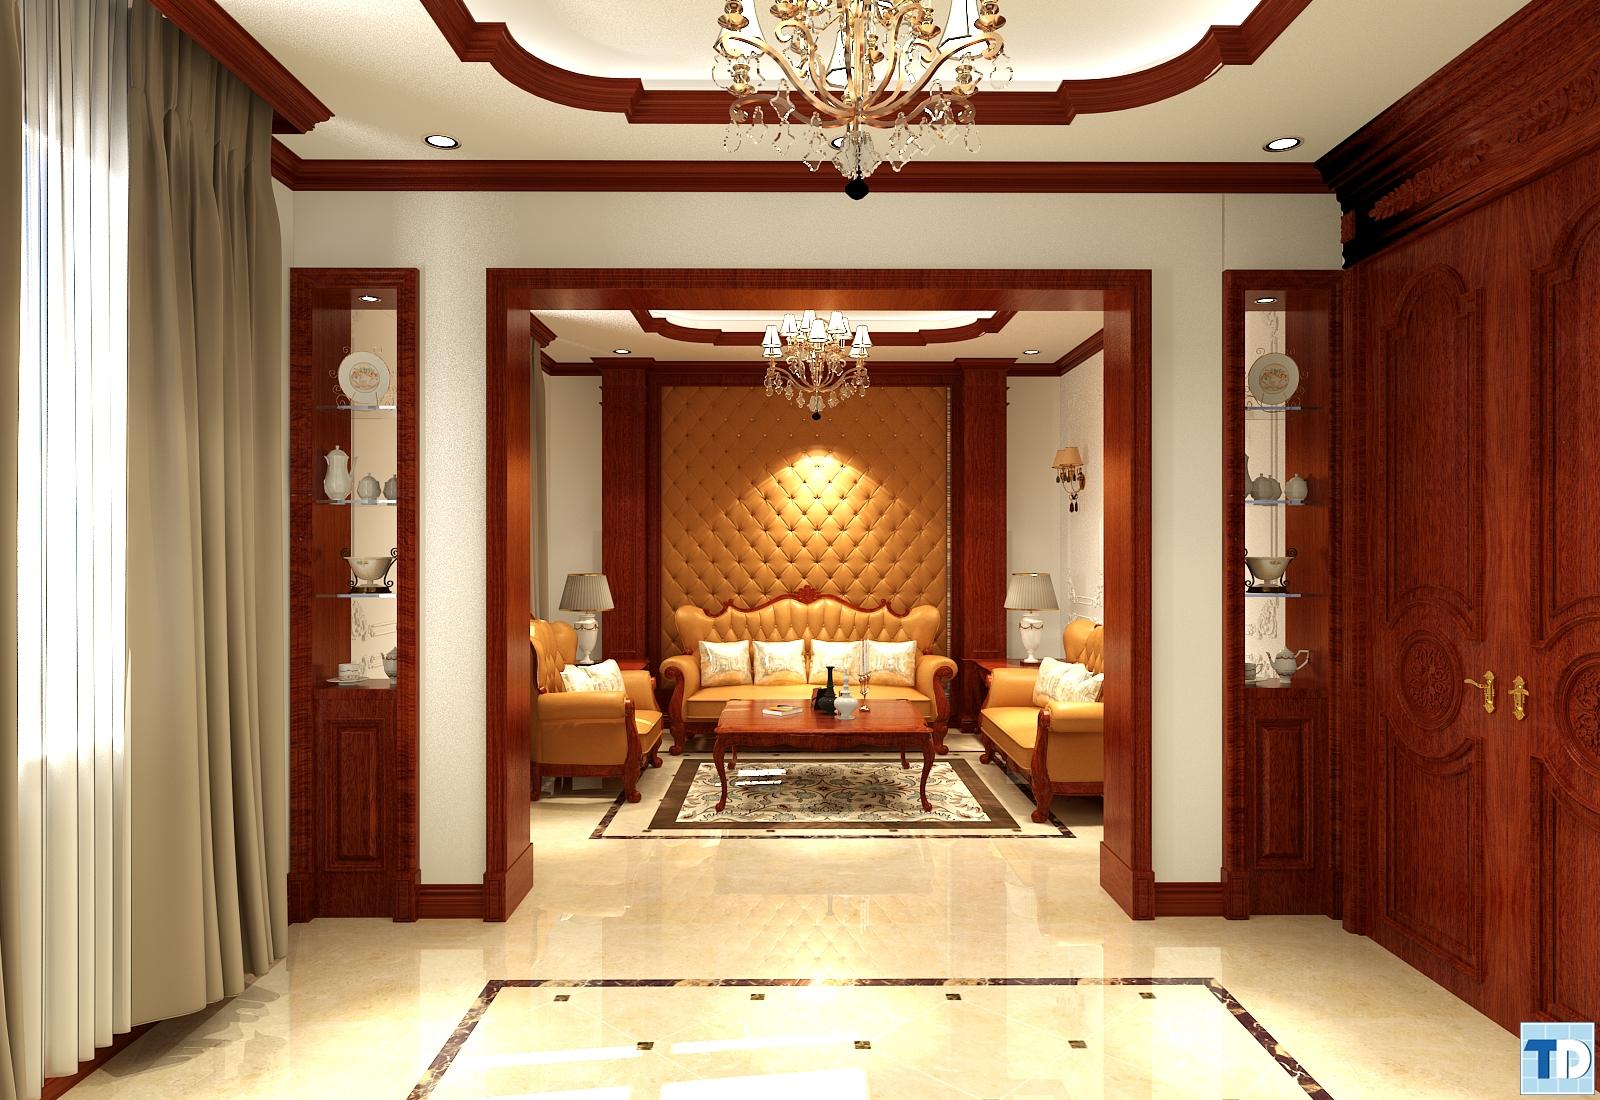 Tuyển chọn mẫu thiết kế phòng khách lộng lẫy với phong cách tân cổ điển